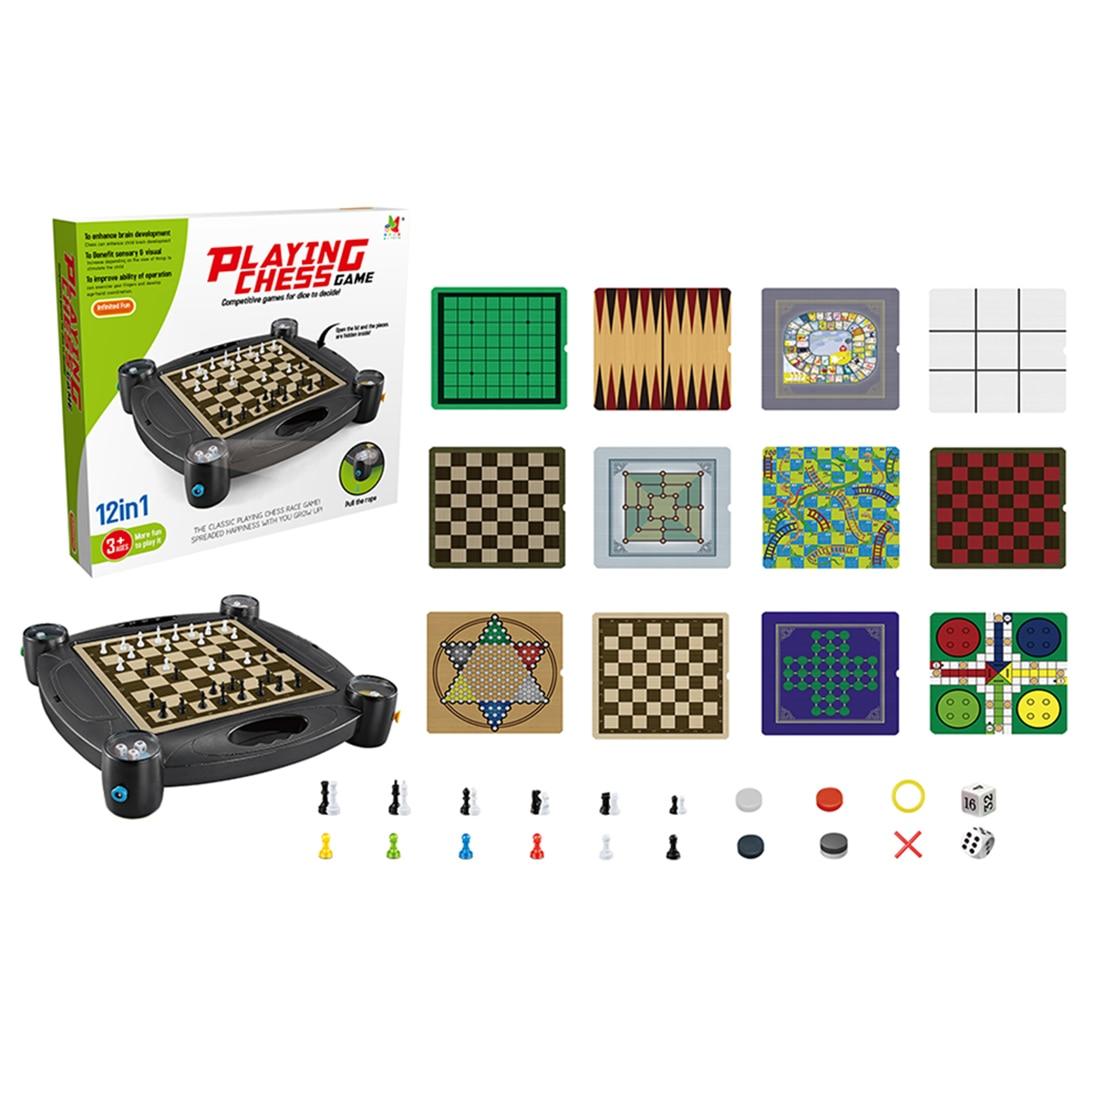 12-en-1 Enfants Jeu D'échecs Jeu de Société Jouet Ensemble avec Support pour les Enfants D'apprentissage et Éducatifs backgammon serpent jeu échelle